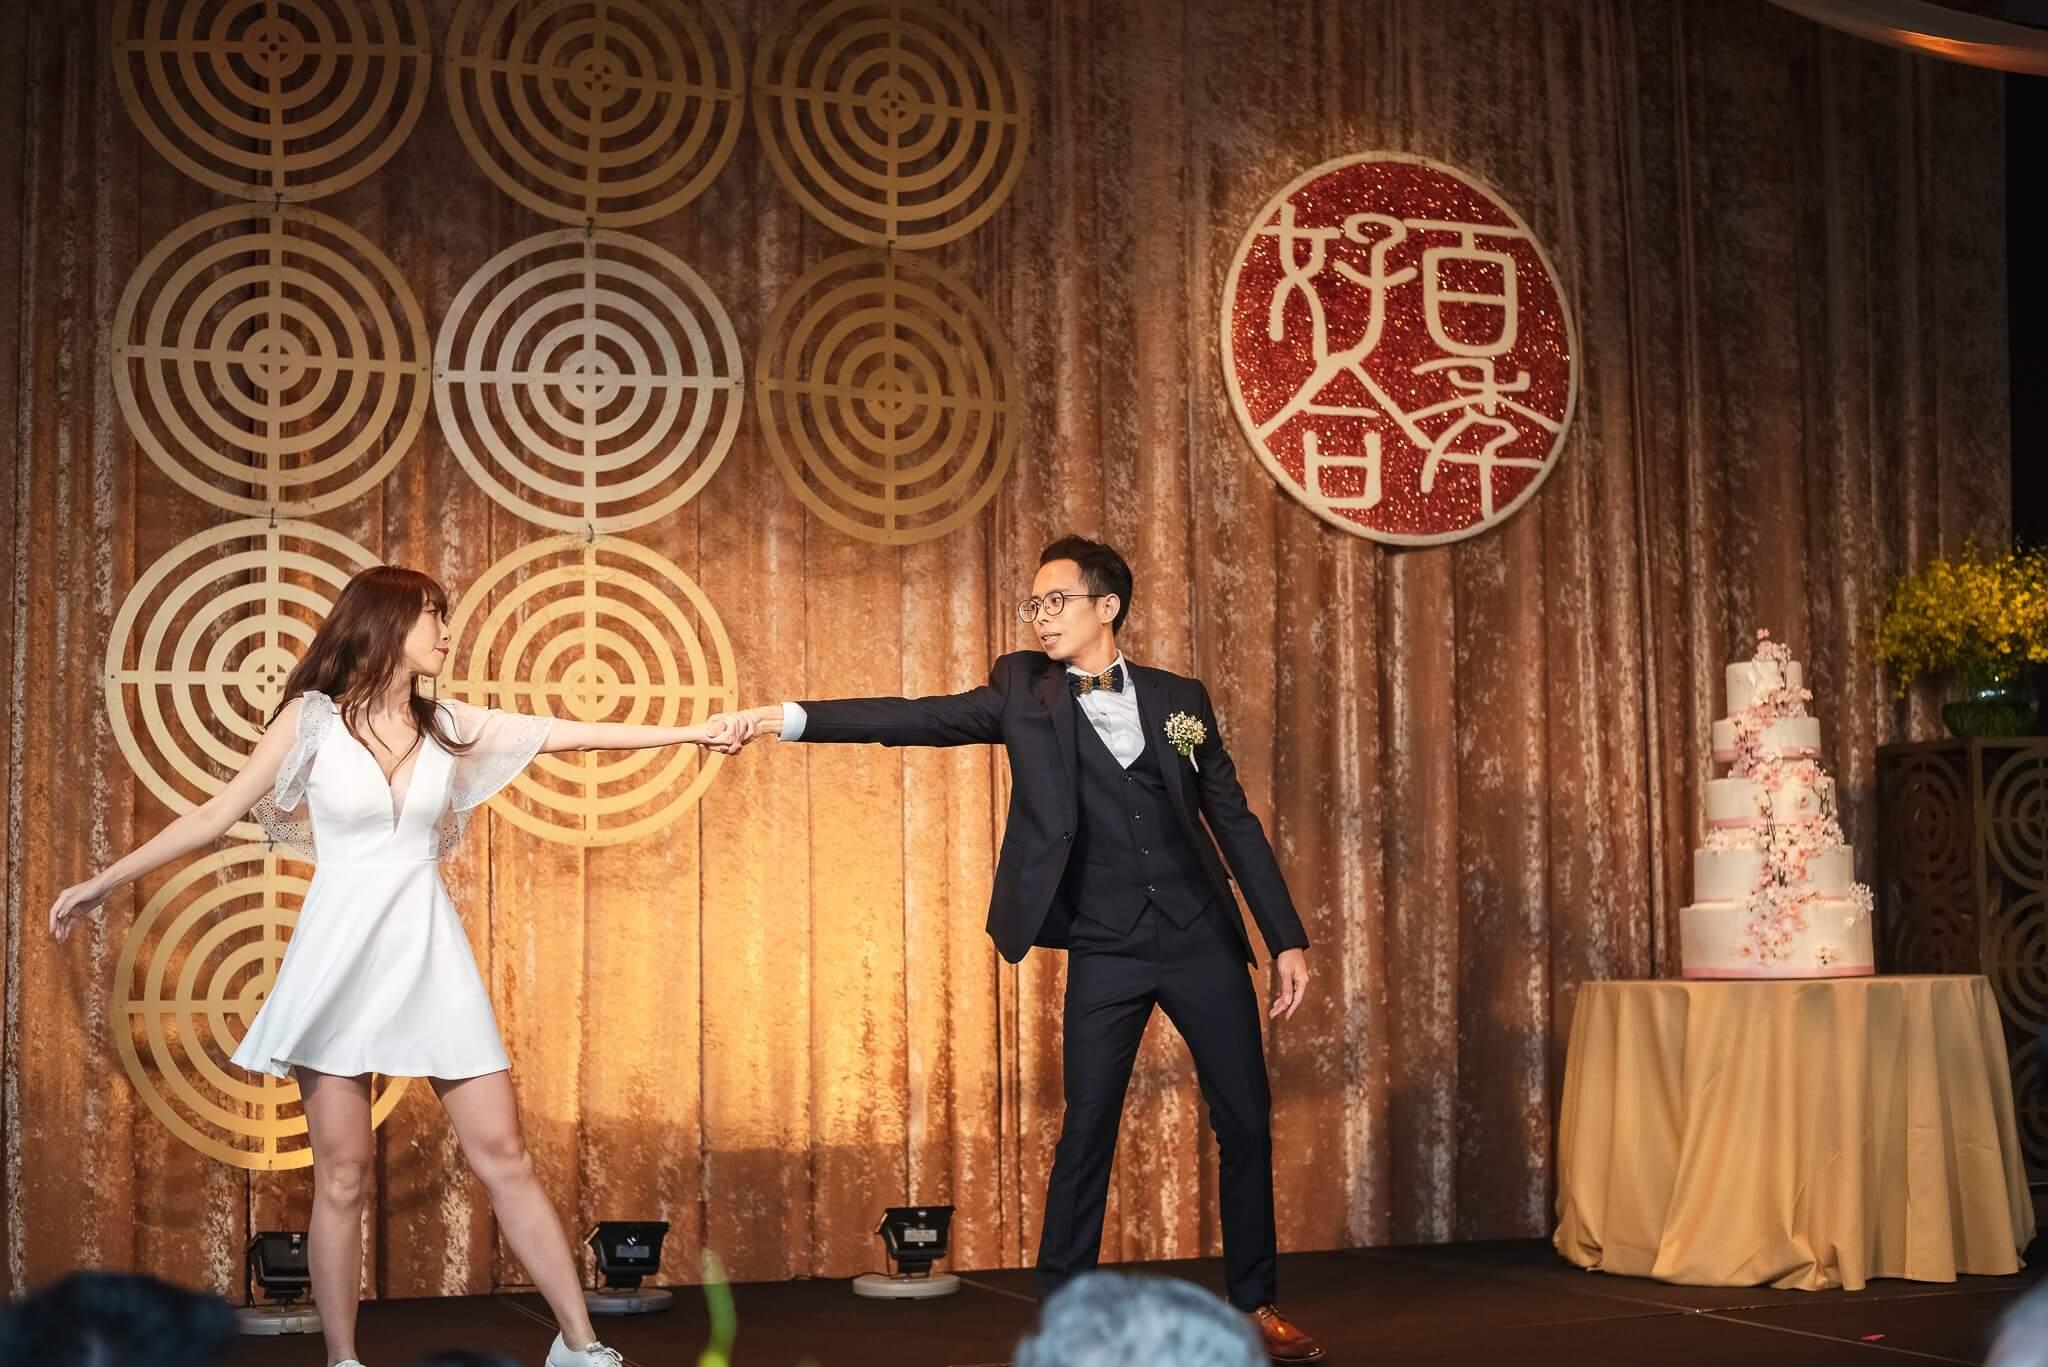 婚禮攝影 | 婚攝小光 君悅酒店  新人:Michael + Cathy  攝影:婚攝小光 -HIKARU視覺印象-  #是君悅酒店不是君悅排骨